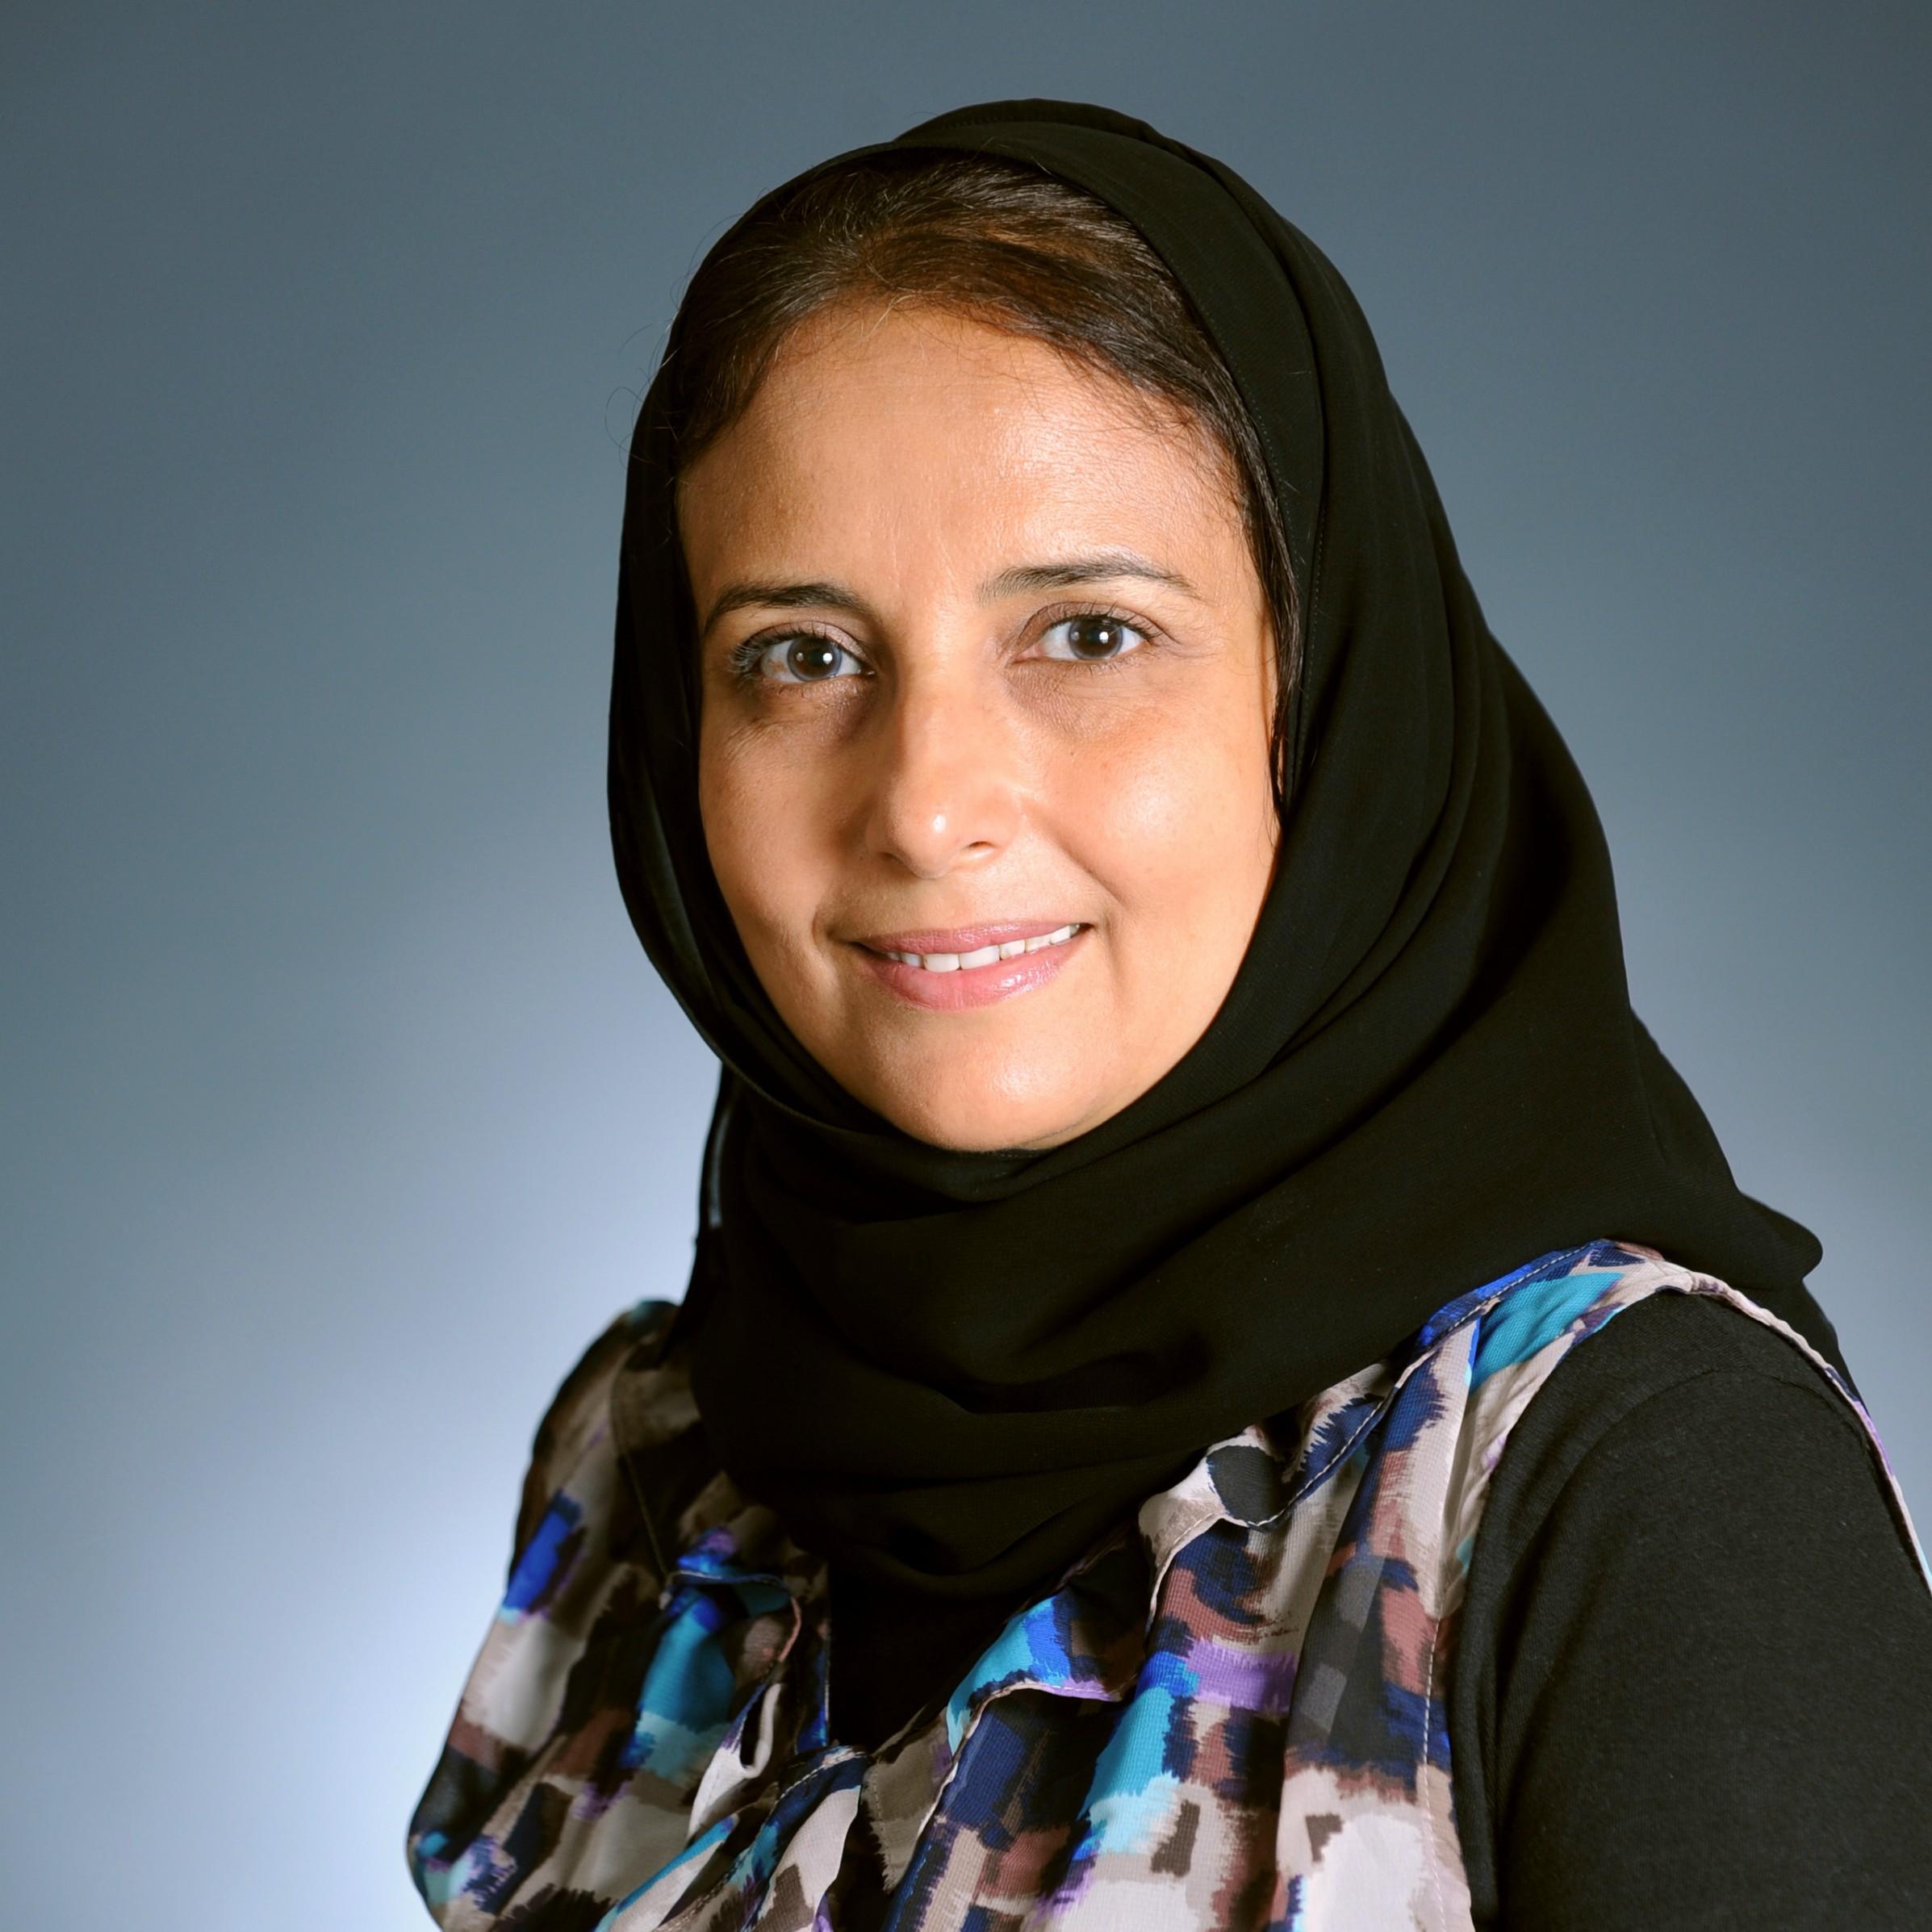 Shadha Nasser